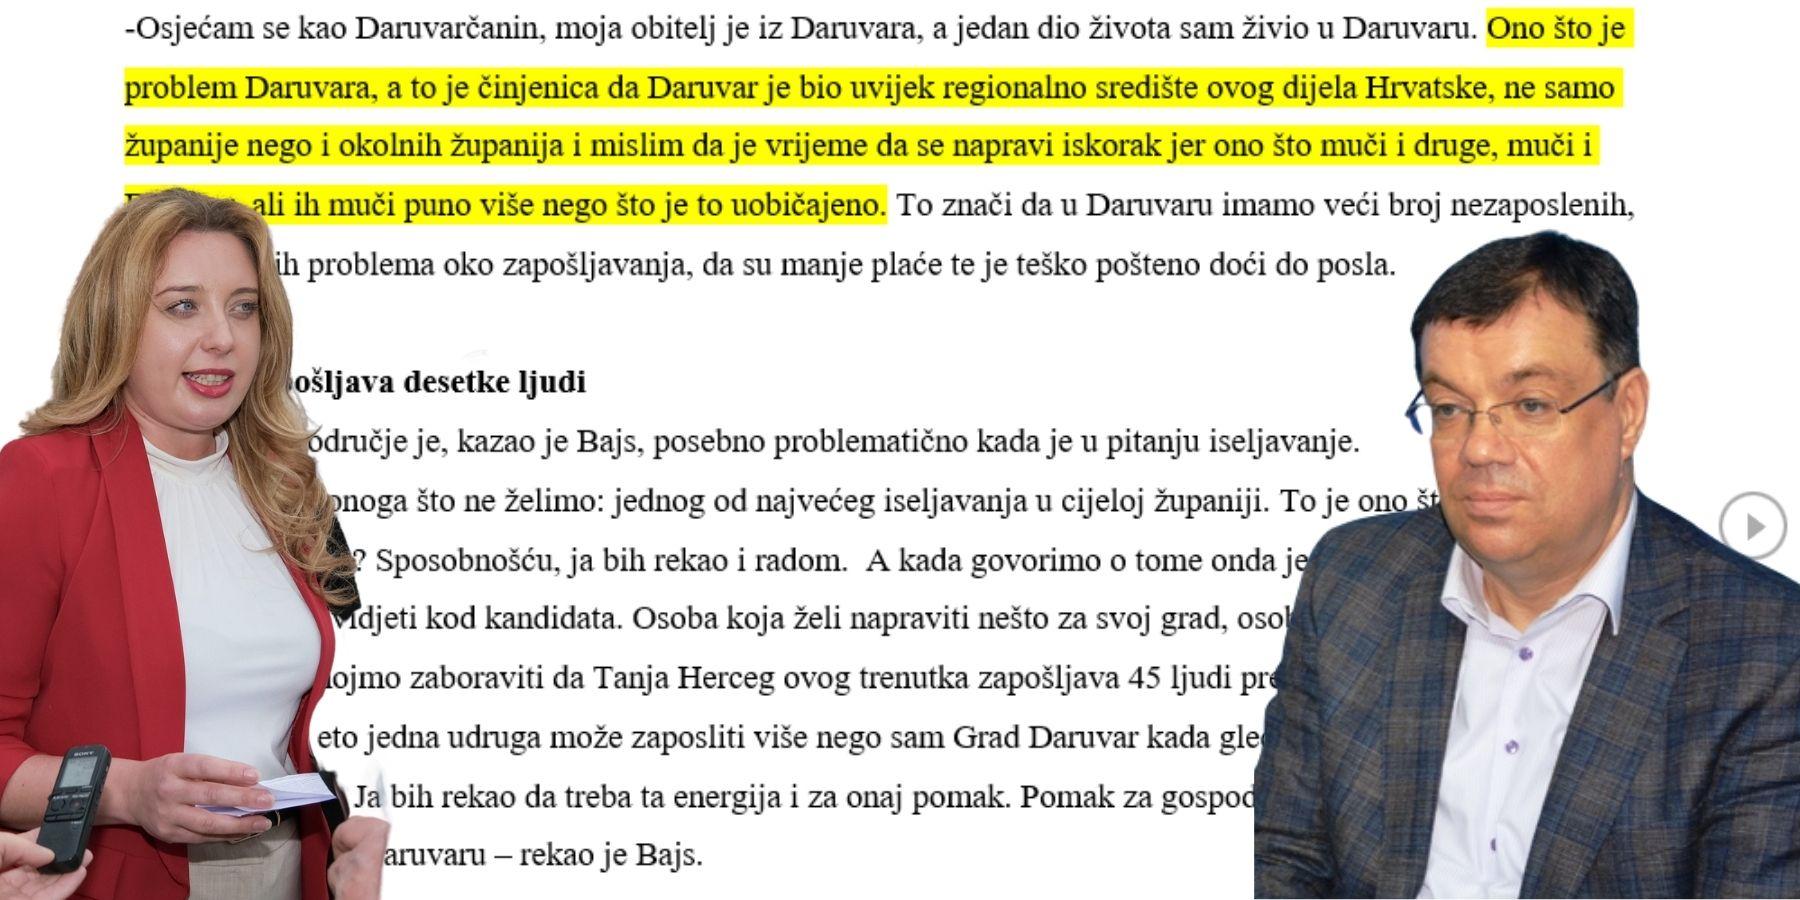 Damir Bajs promovira Daruvar kao novo središte Bjelovarsko-bilogorske županije